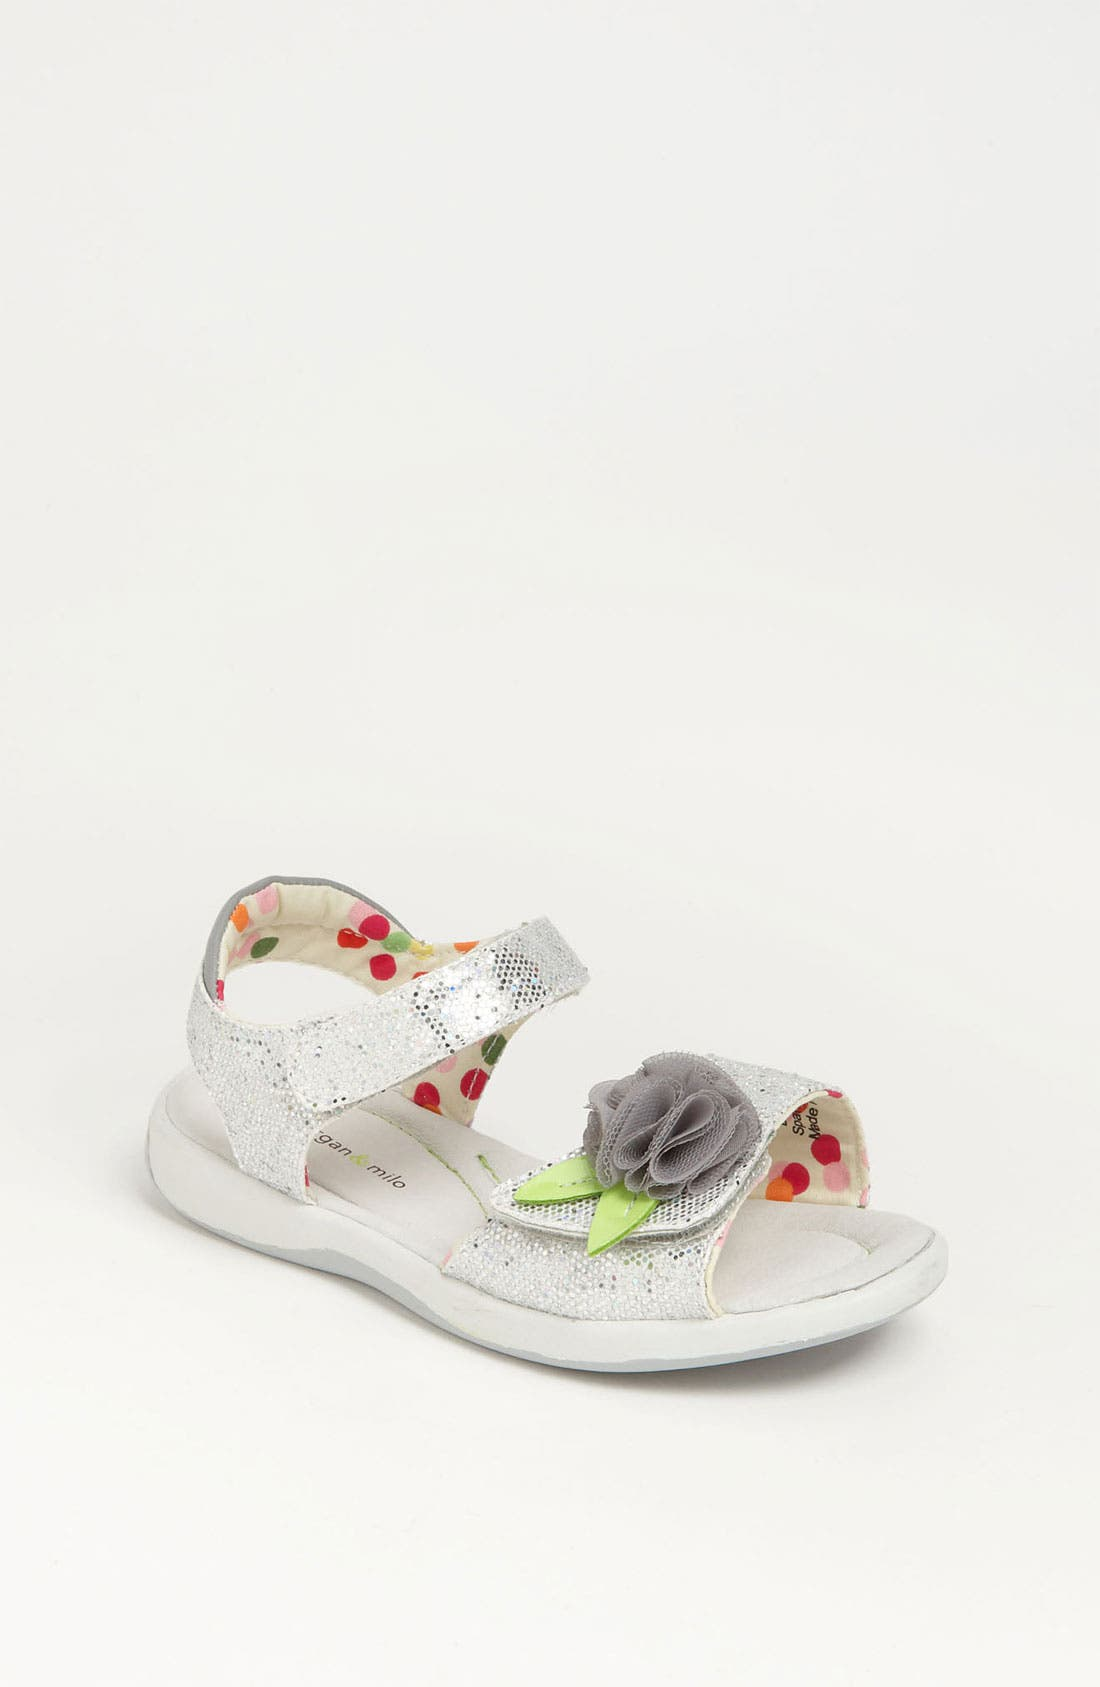 Alternate Image 1 Selected - Morgan & Milo 'Tina' Sparkle Sandal (Walker, Toddler & Little Kid)